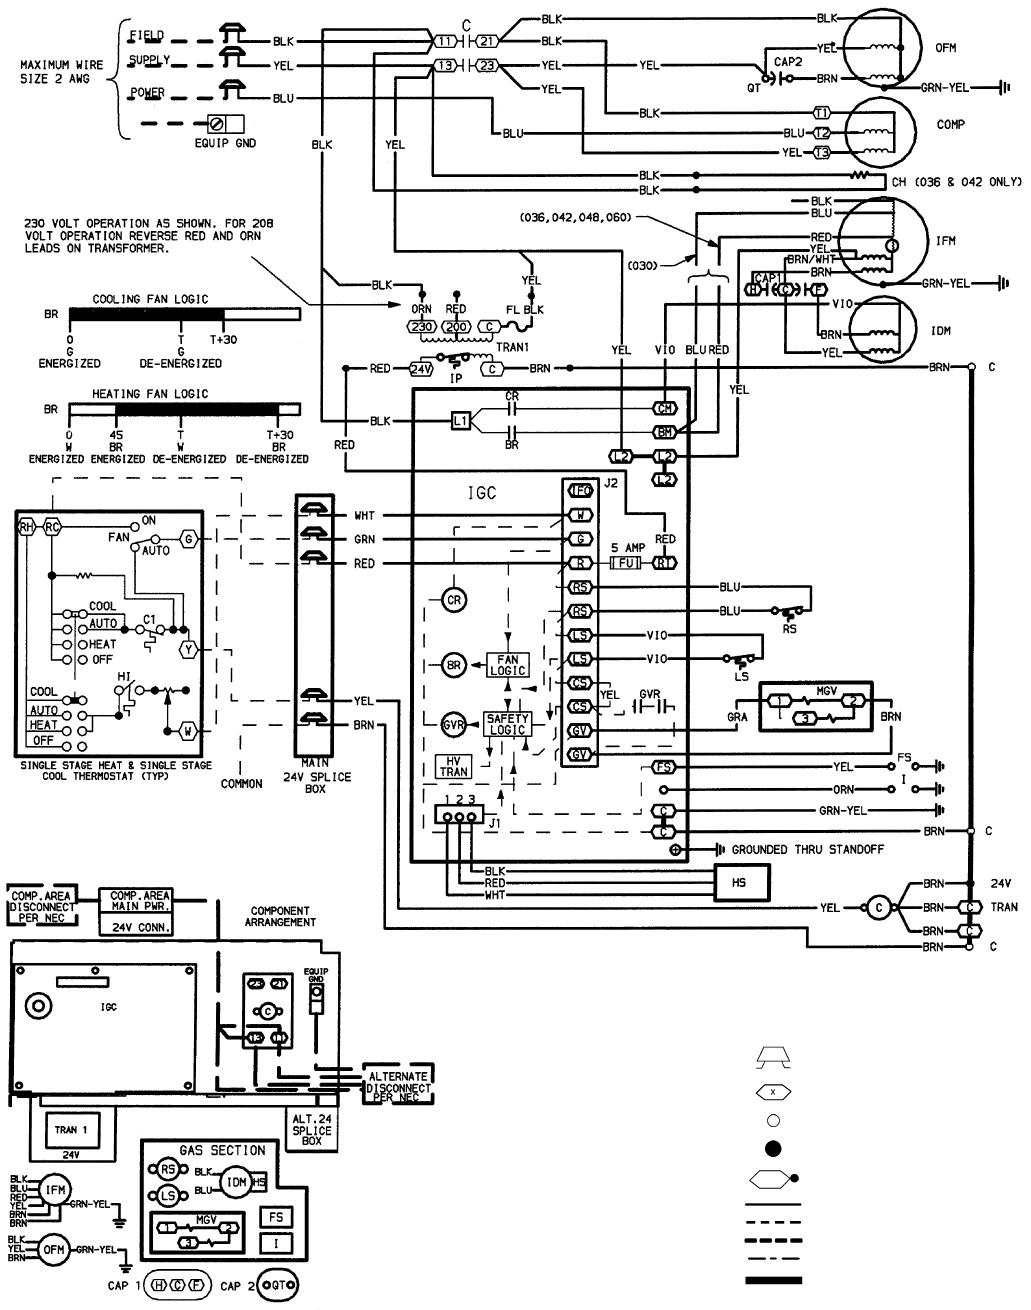 Bryant 588a 589a Fig 27 208 230 3 60 Wiring Diagram Units 588a030 060 7 Idm Wire